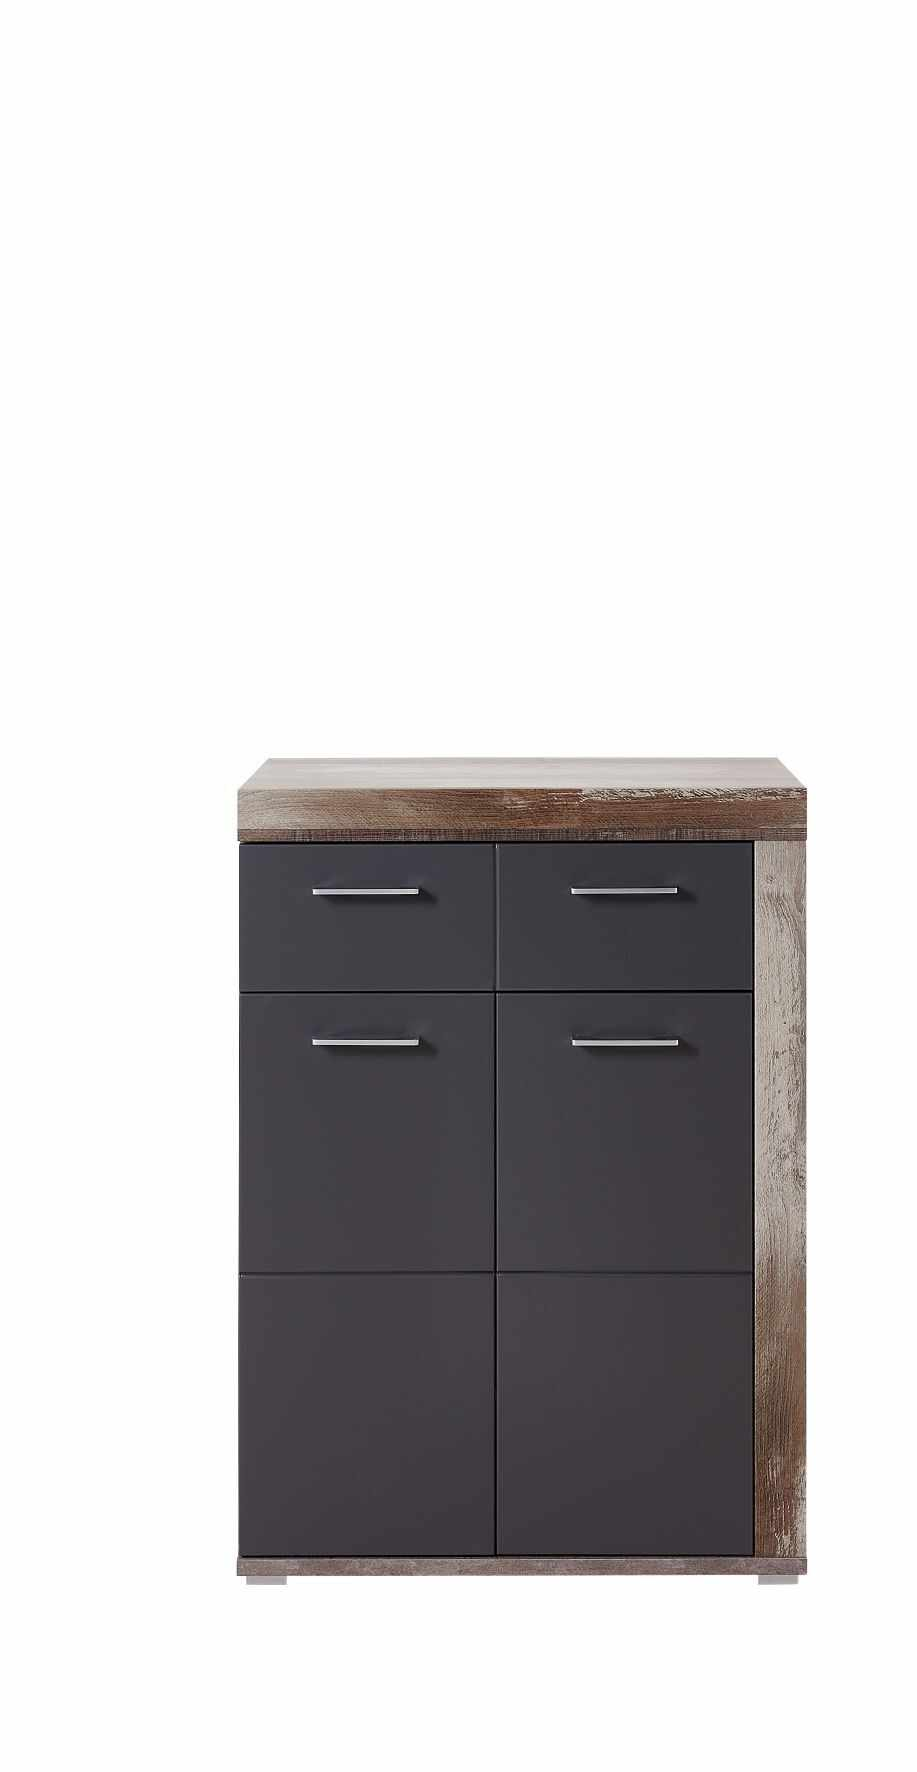 Cabinet din pal si MDF, cu 1 sertar si 2 usi Krone Grafit / Natur, l77xA38xH107 cm la pret 750 lei